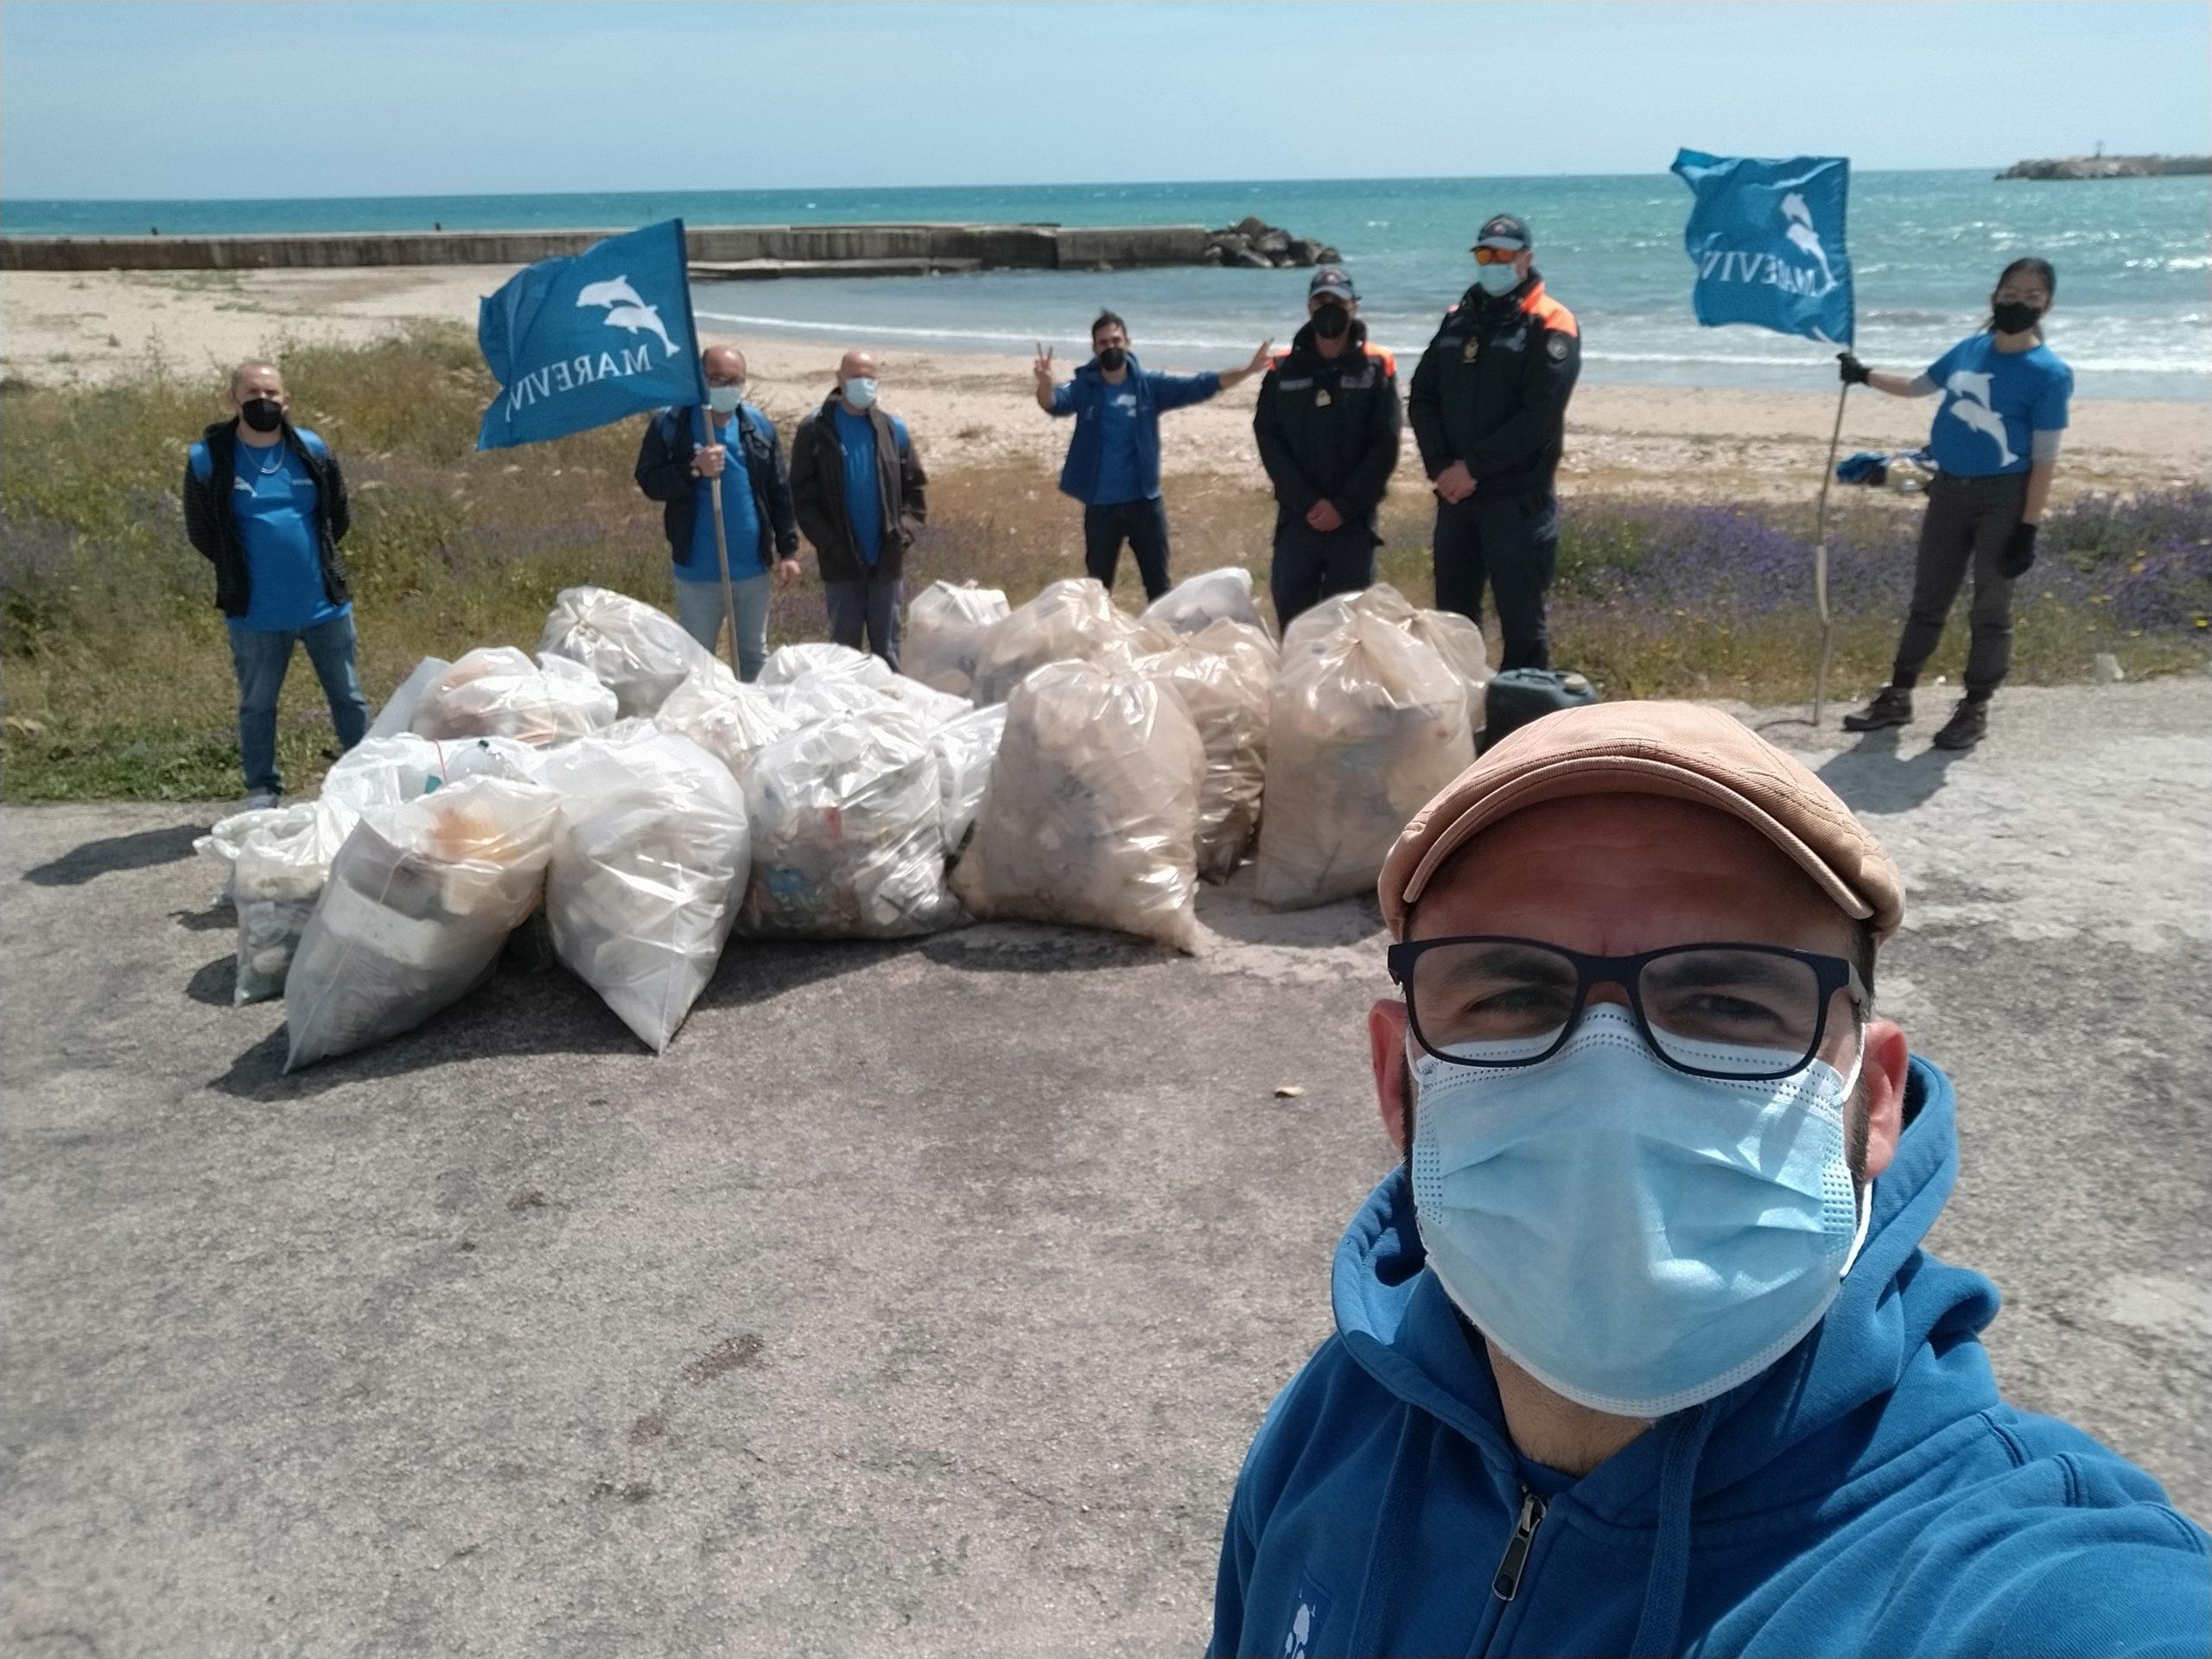 Cleanup della spiaggia di Sciacca con Marevivo Sicilia e Associazione Arcobaleno